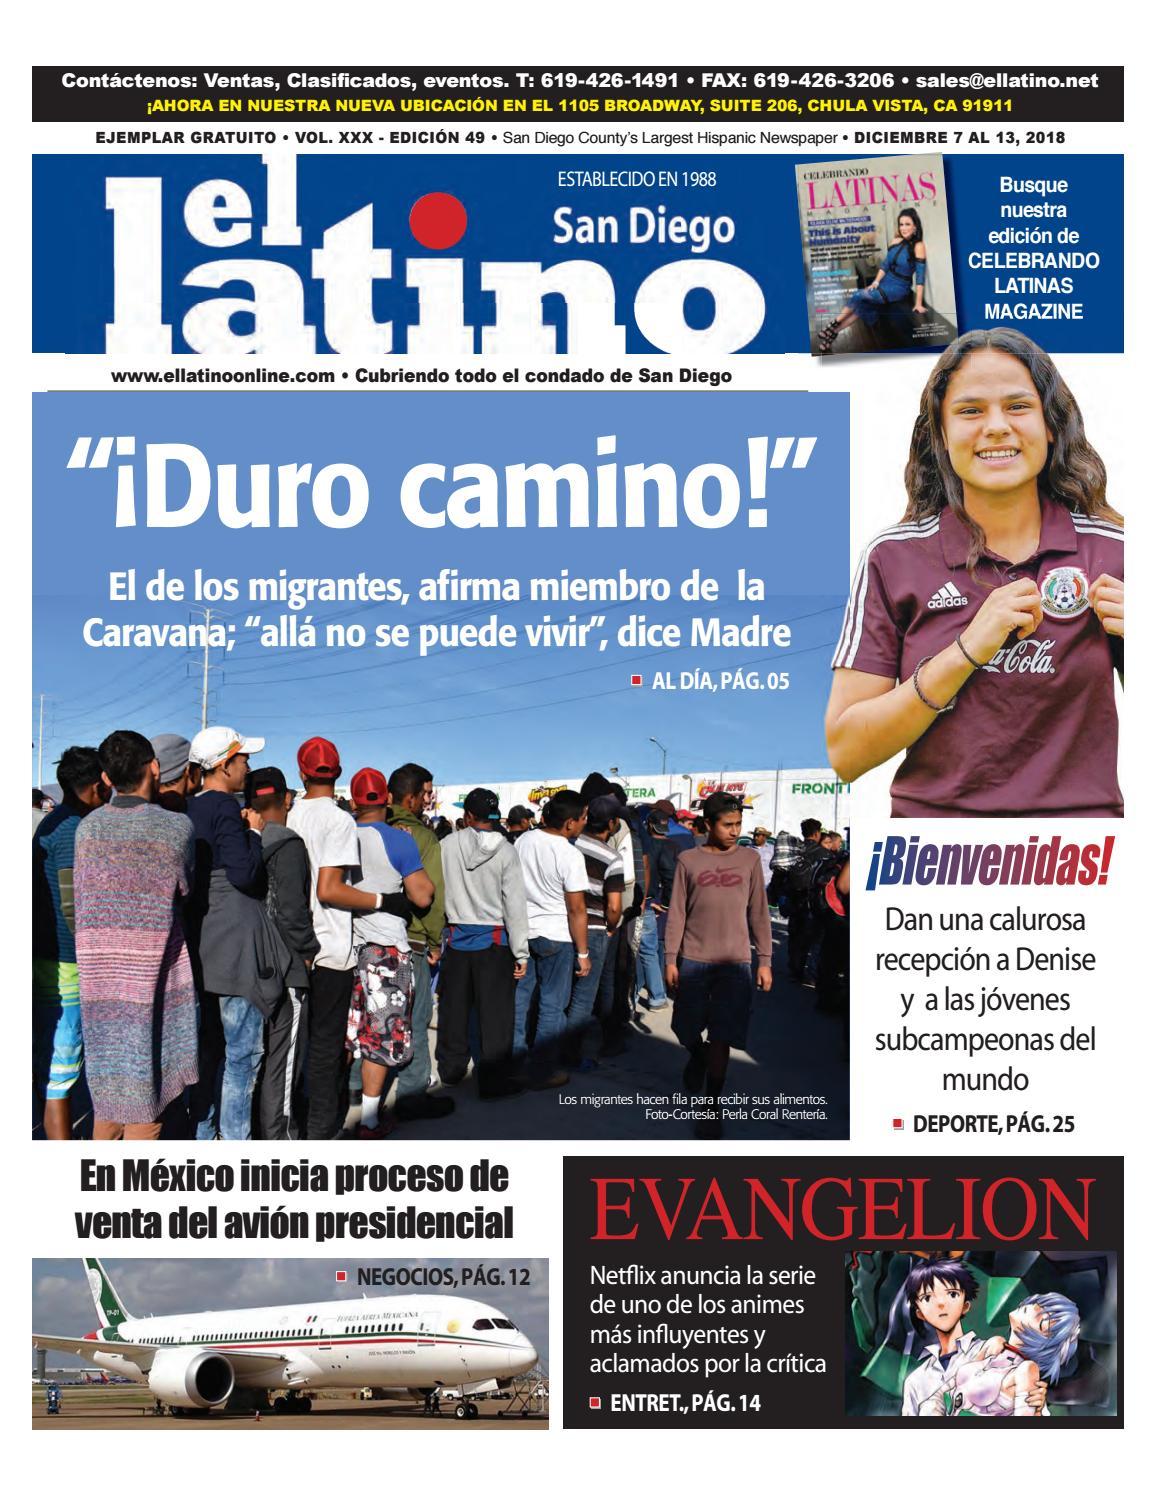 El Latino San Diego Newspaper by El Latino San Diego Newspaper - issuu 431572f0e69